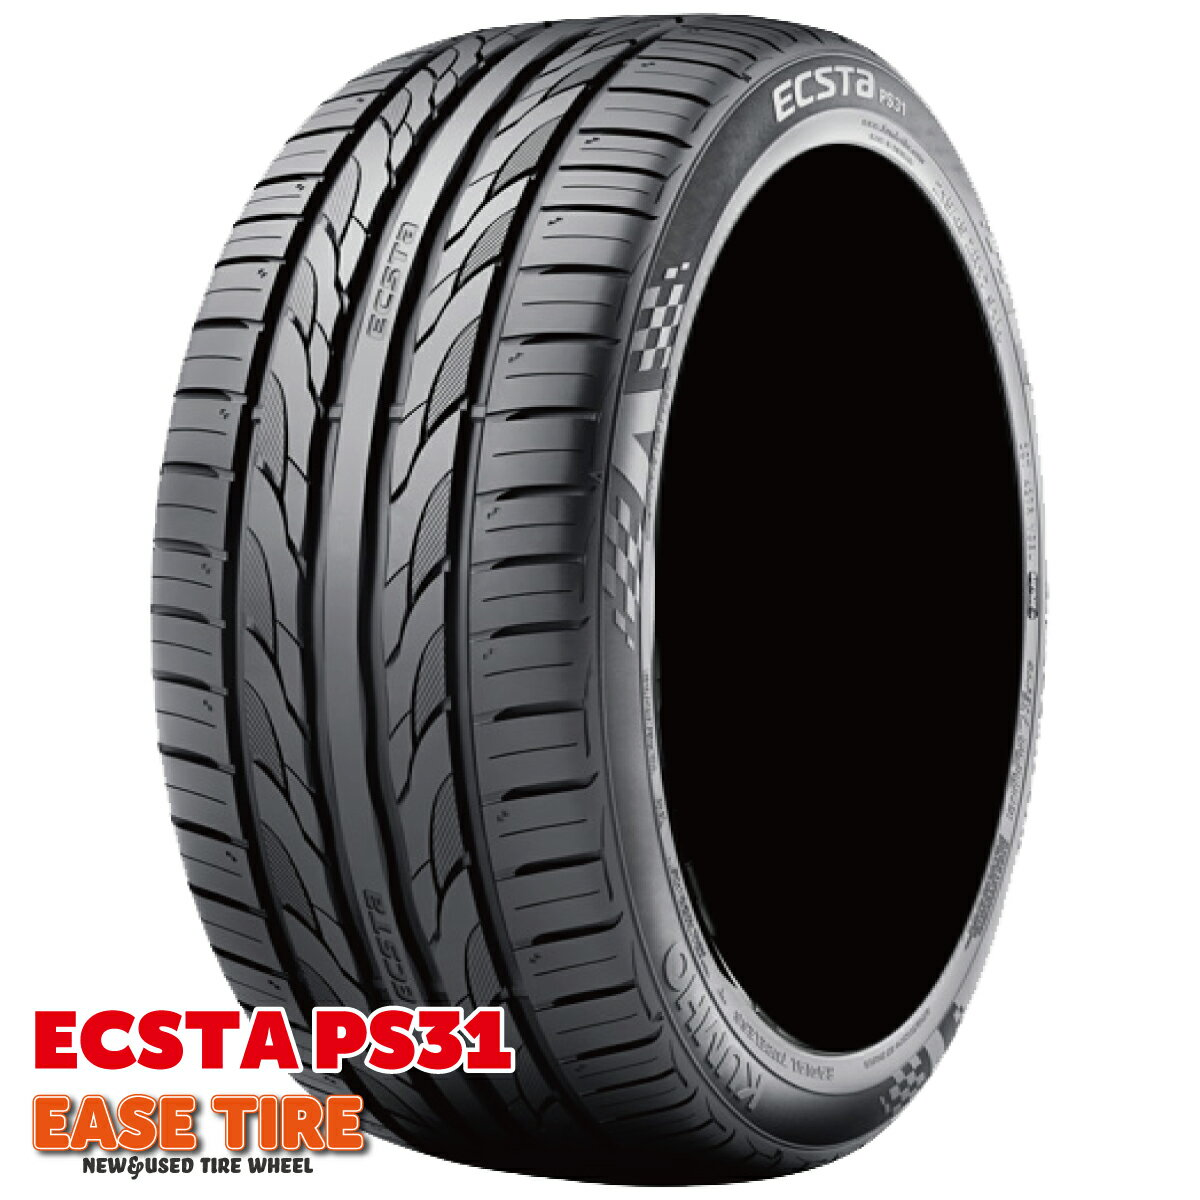 タイヤ・ホイール, サマータイヤ 23550R18 KUMHO ECSTA PS31 1 4